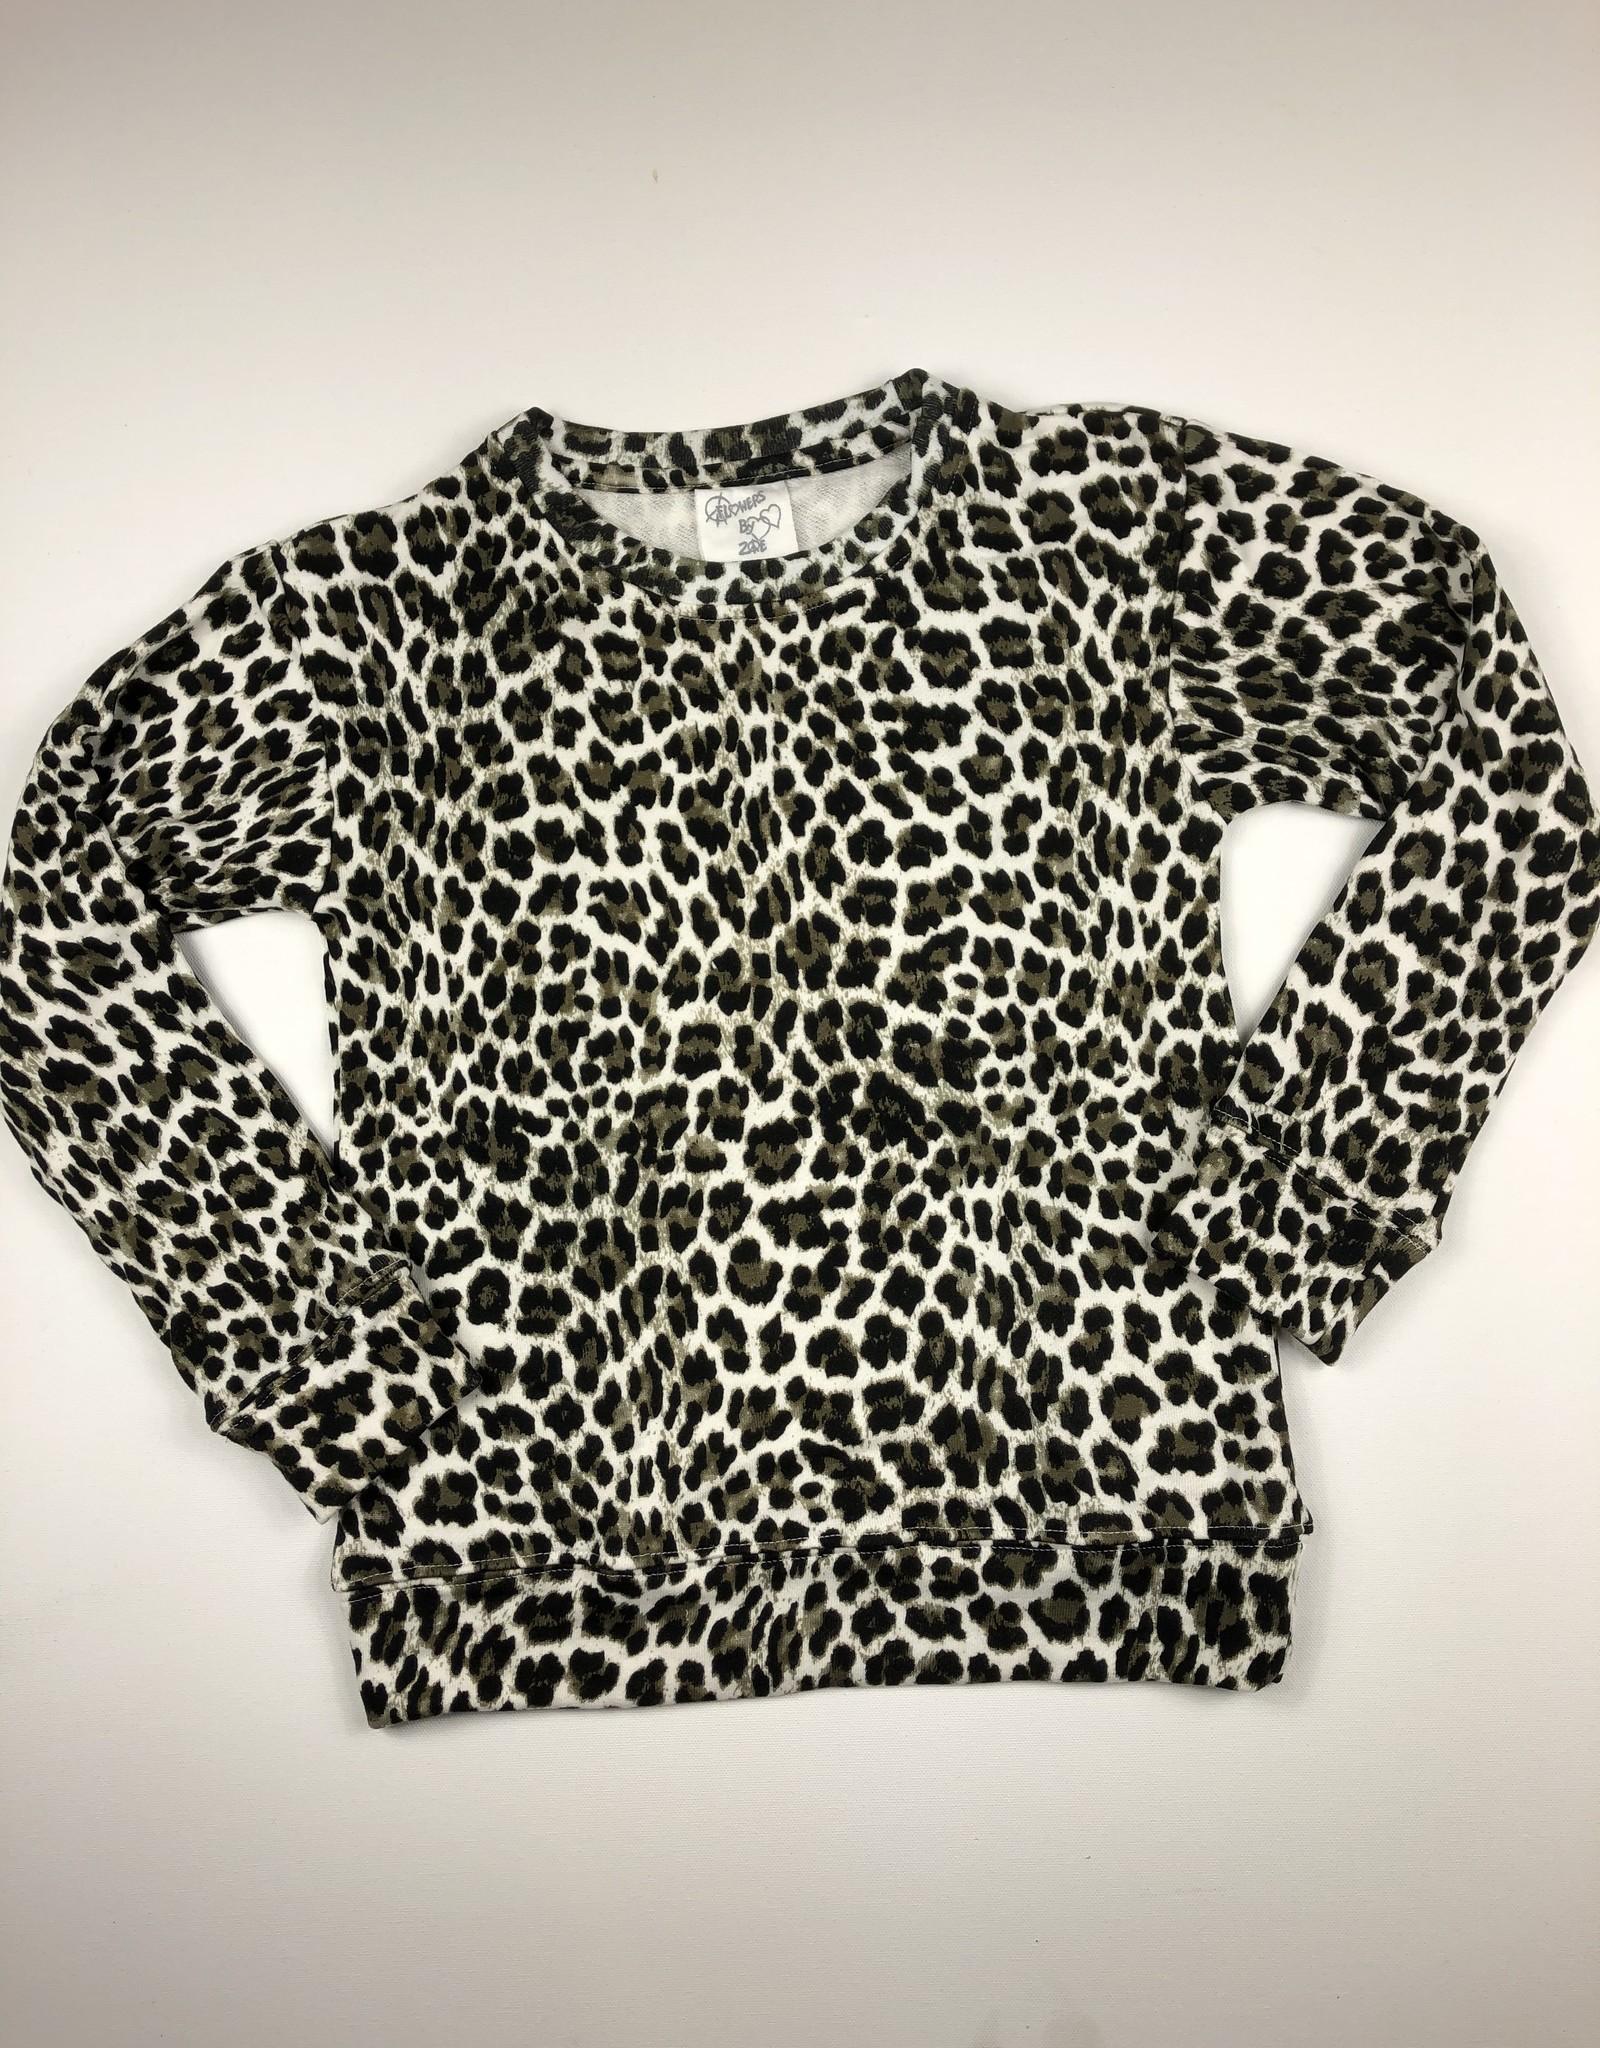 FLOWERS BY ZOE Leopard Sweatshirt